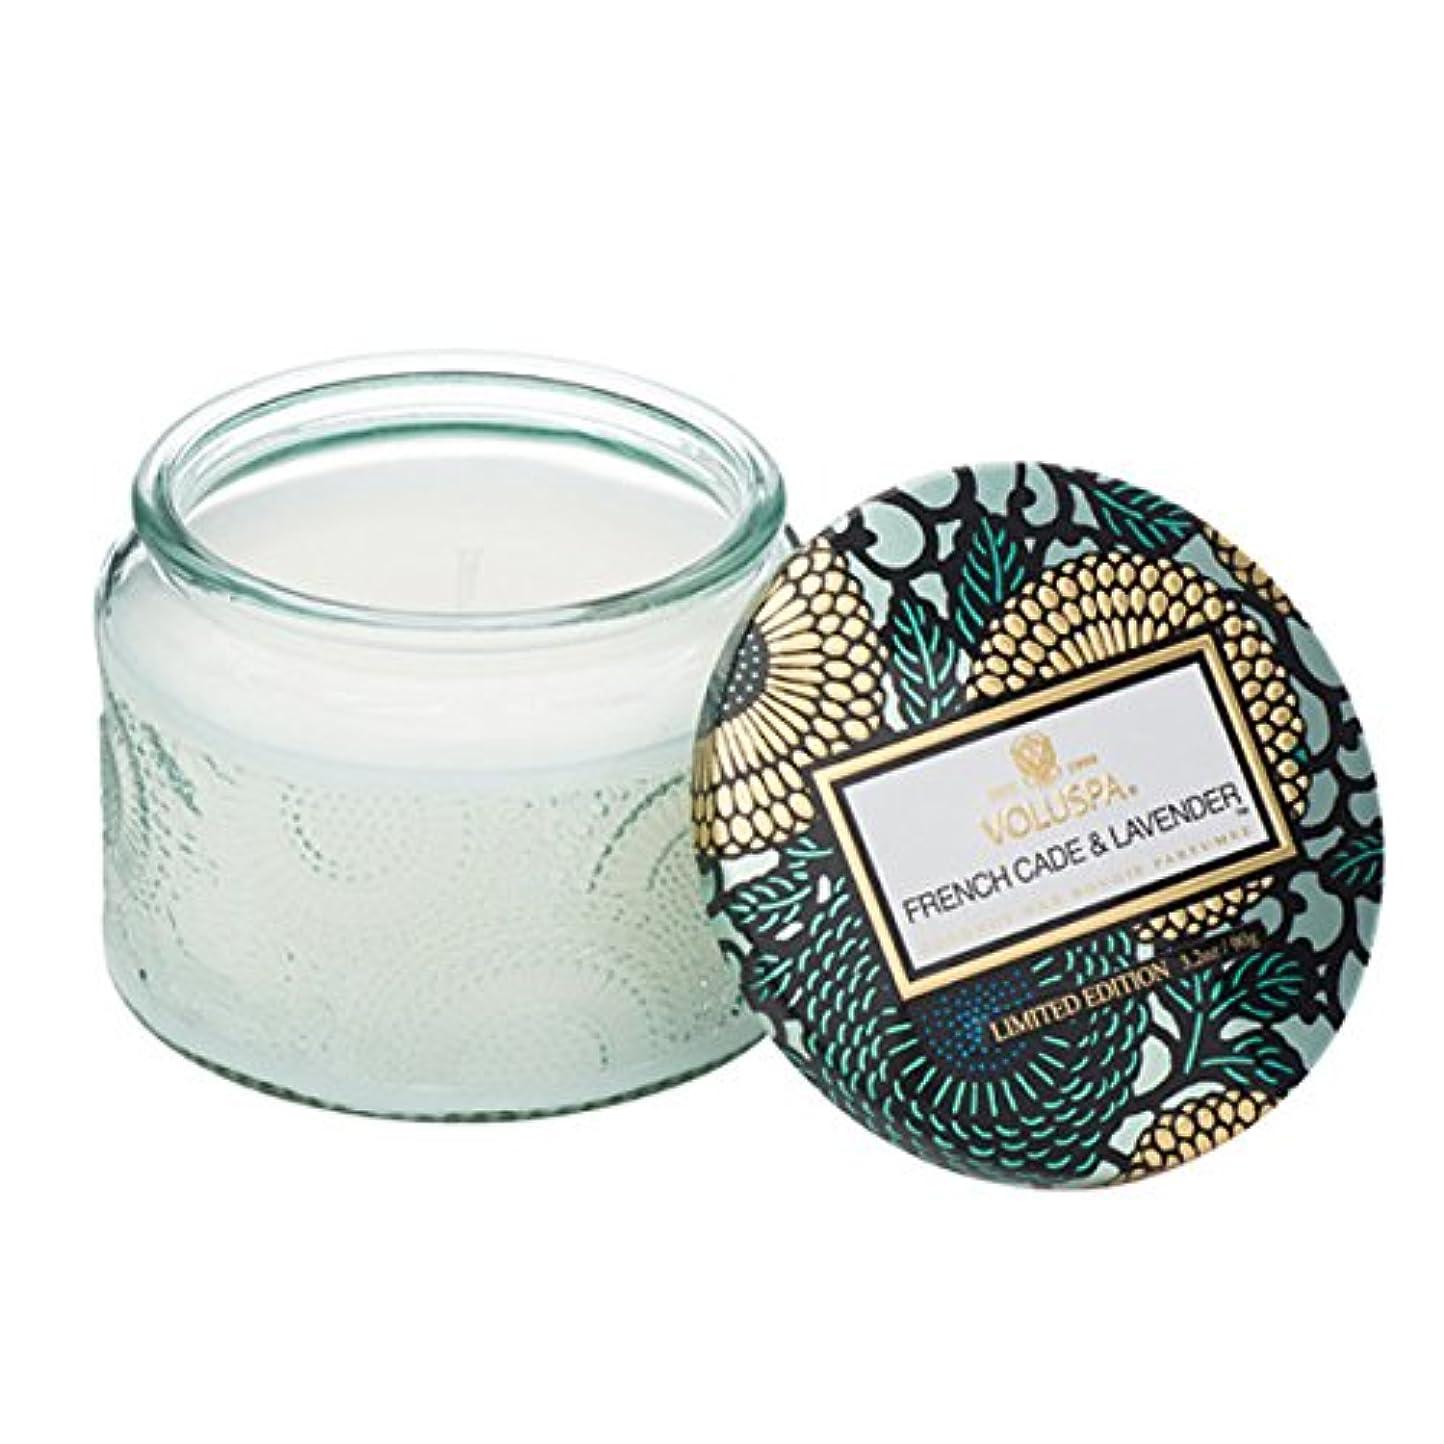 宝石本部検出するVoluspa ボルスパ ジャポニカ リミテッド グラスジャーキャンドル  S フレンチケード&ラベンダー FRENCH CADE LAVENDER  JAPONICA Limited PETITE EMBOSSED Glass jar candle